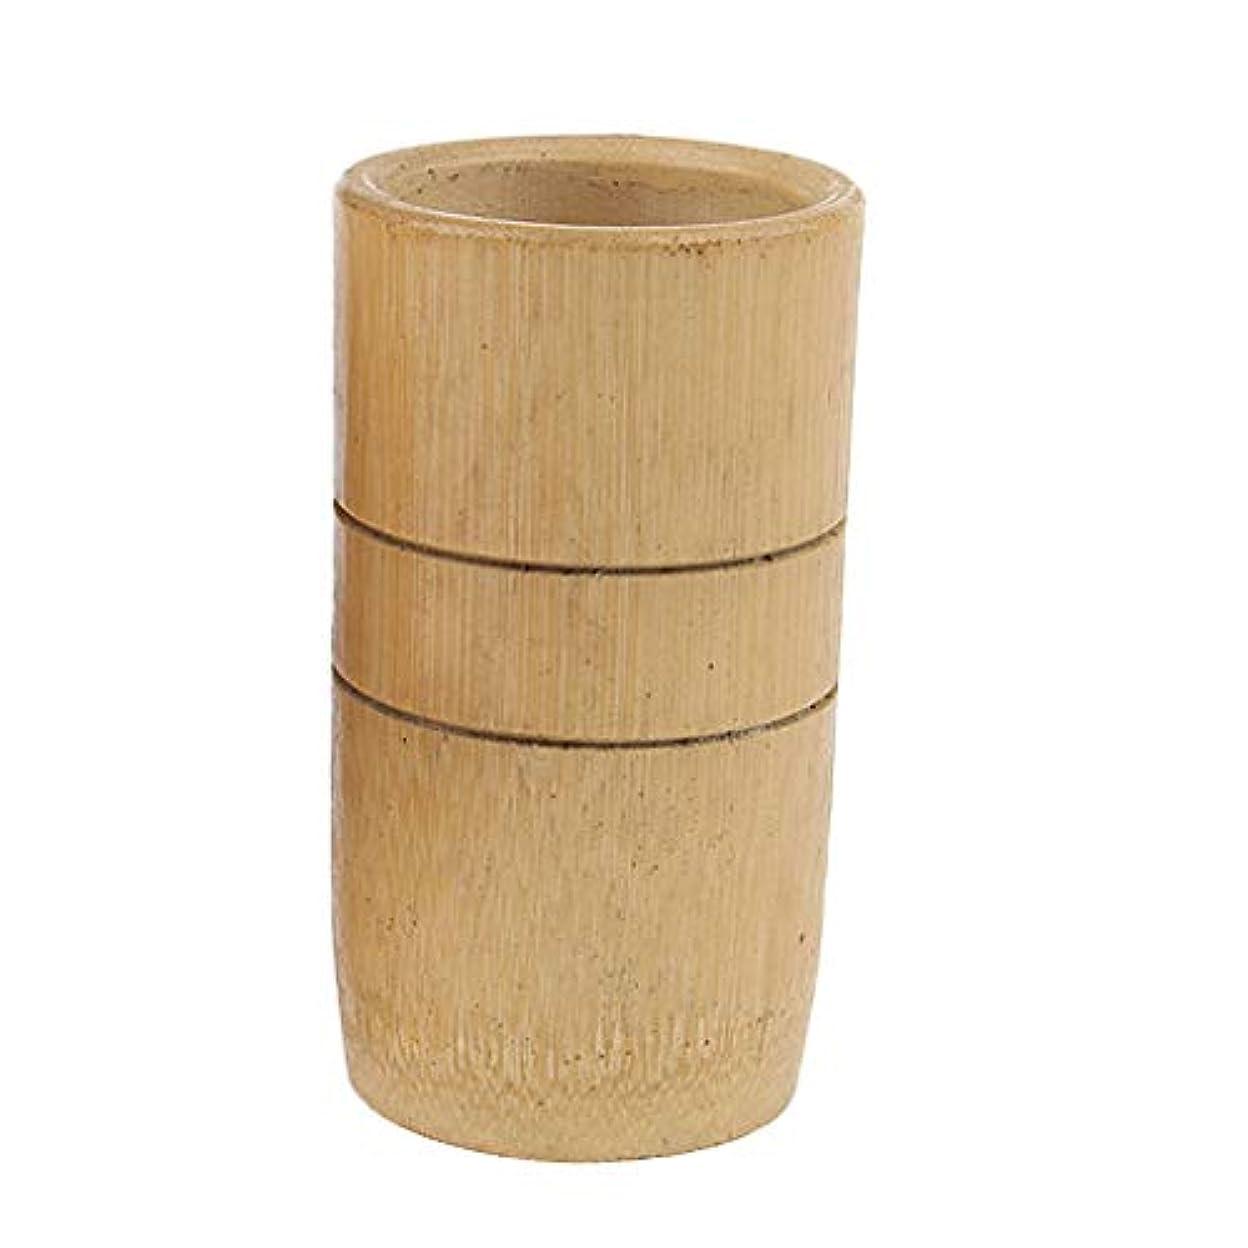 相対性理論条約視力chiwanji マッサージカップ 吸い玉 カッピング 天然竹製 男女兼用 2個入